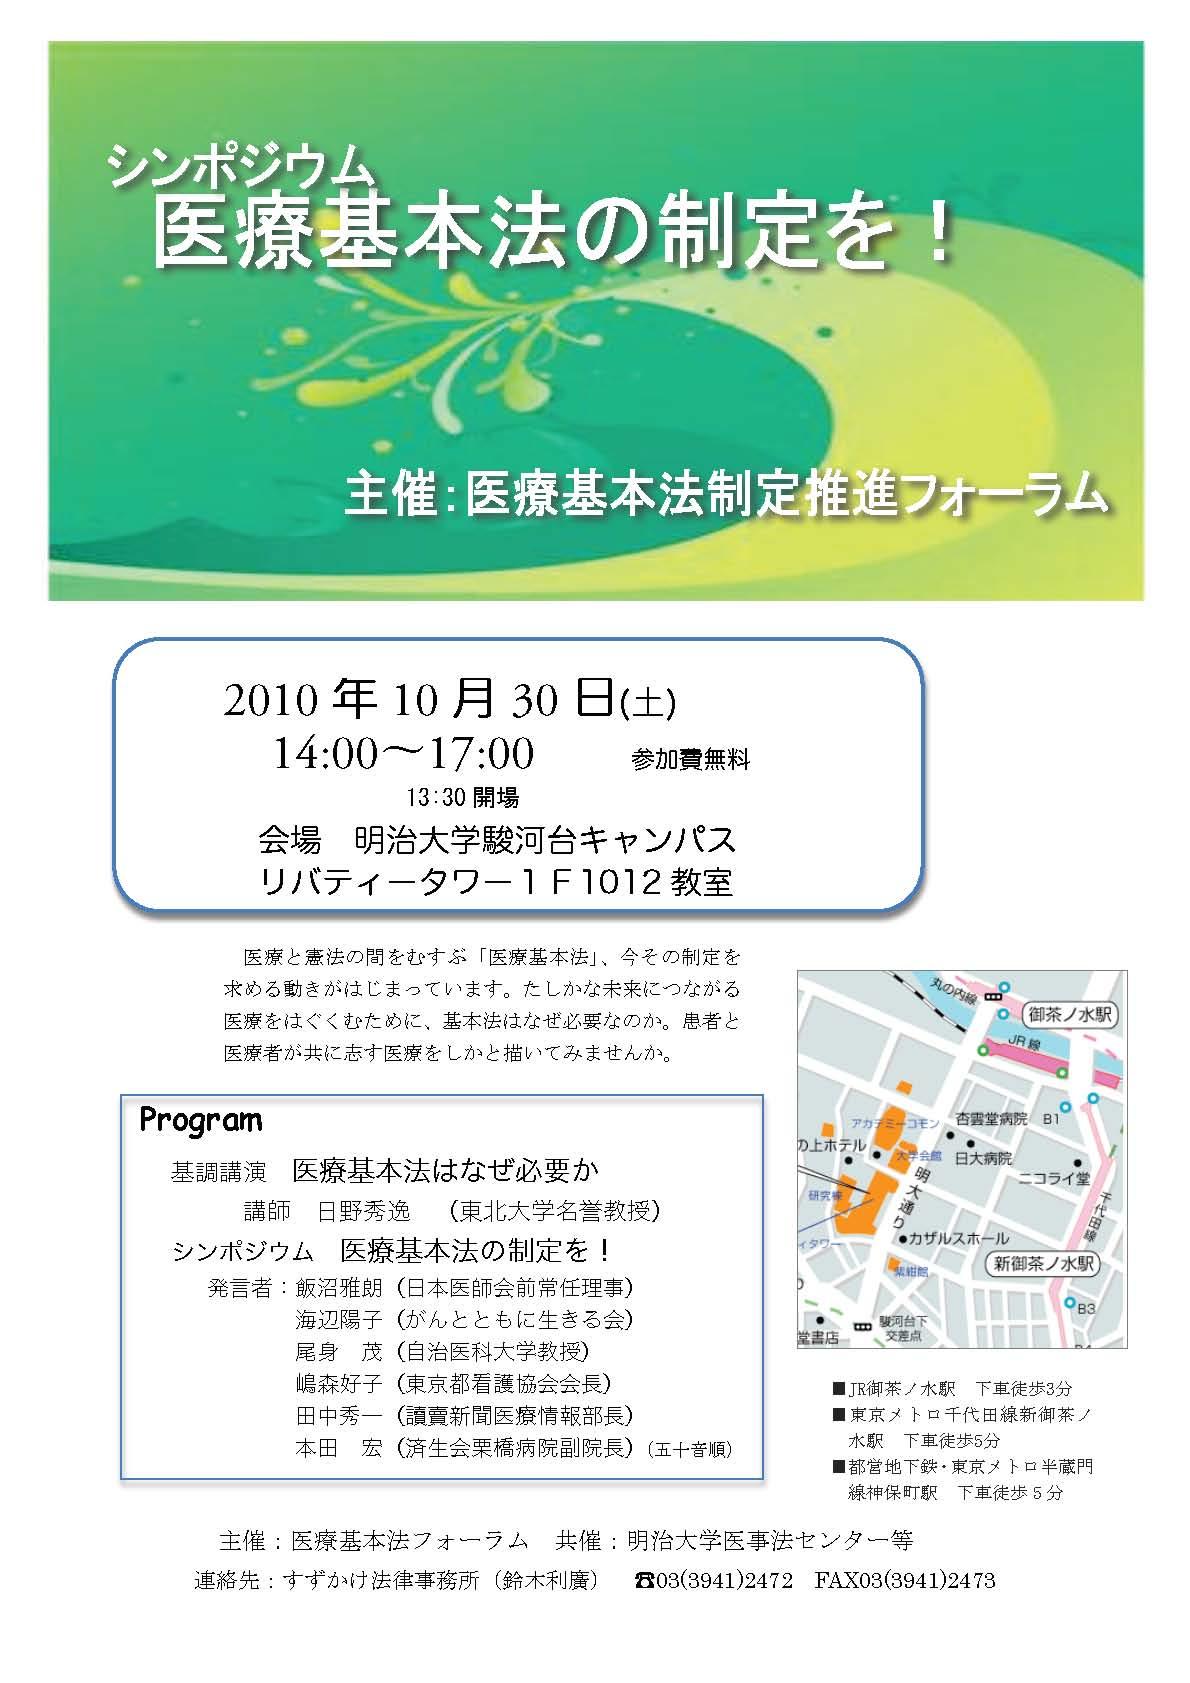 10月30日シンポジウム「医療基本法の制定を!」_b0206085_7135927.jpg